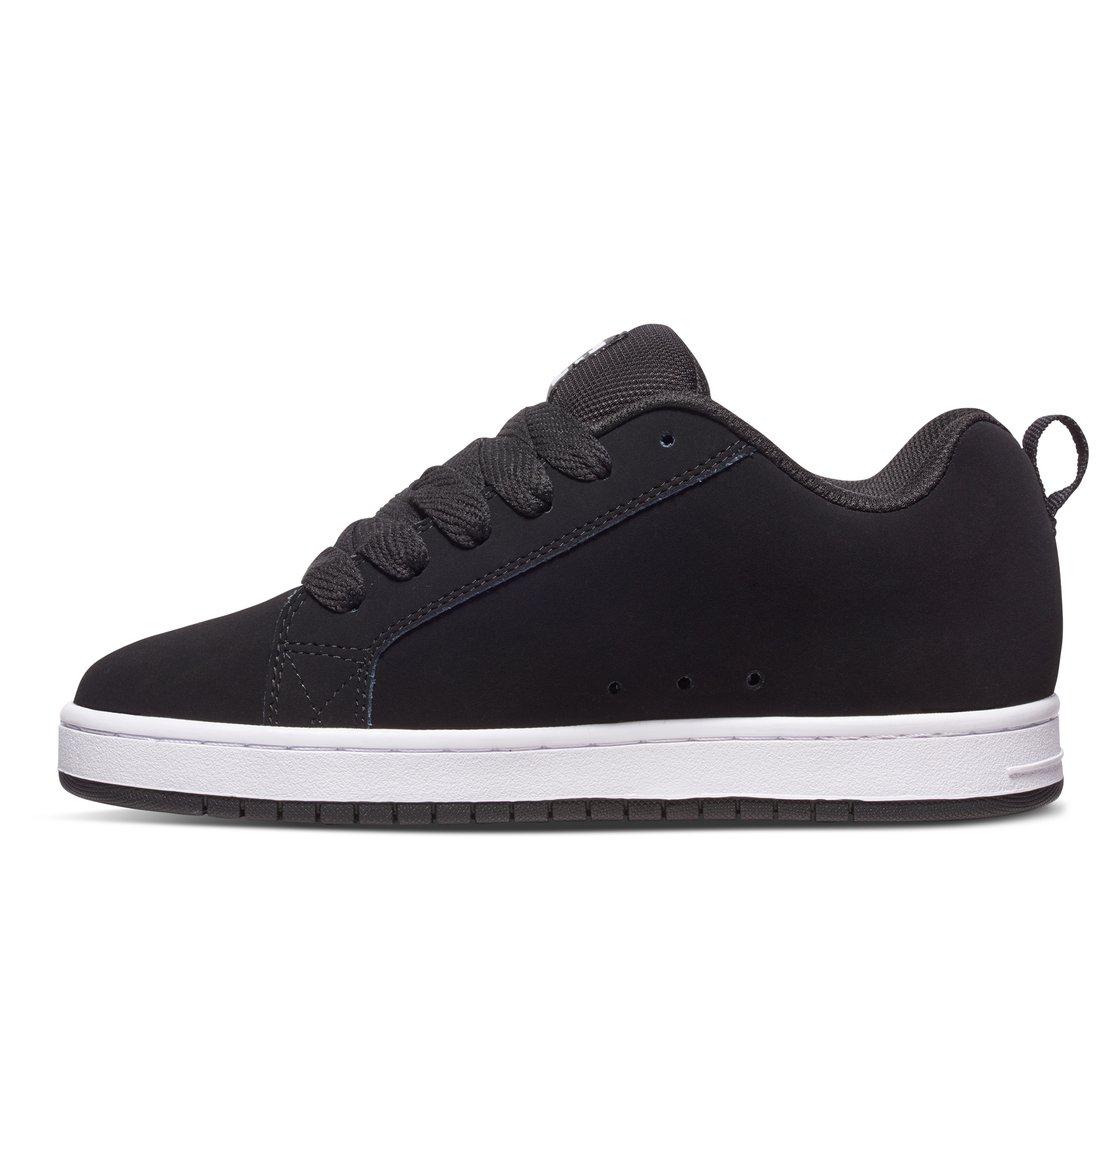 DC Cour Graffik Chaussures Lowtop, EUR: 42.5, Black